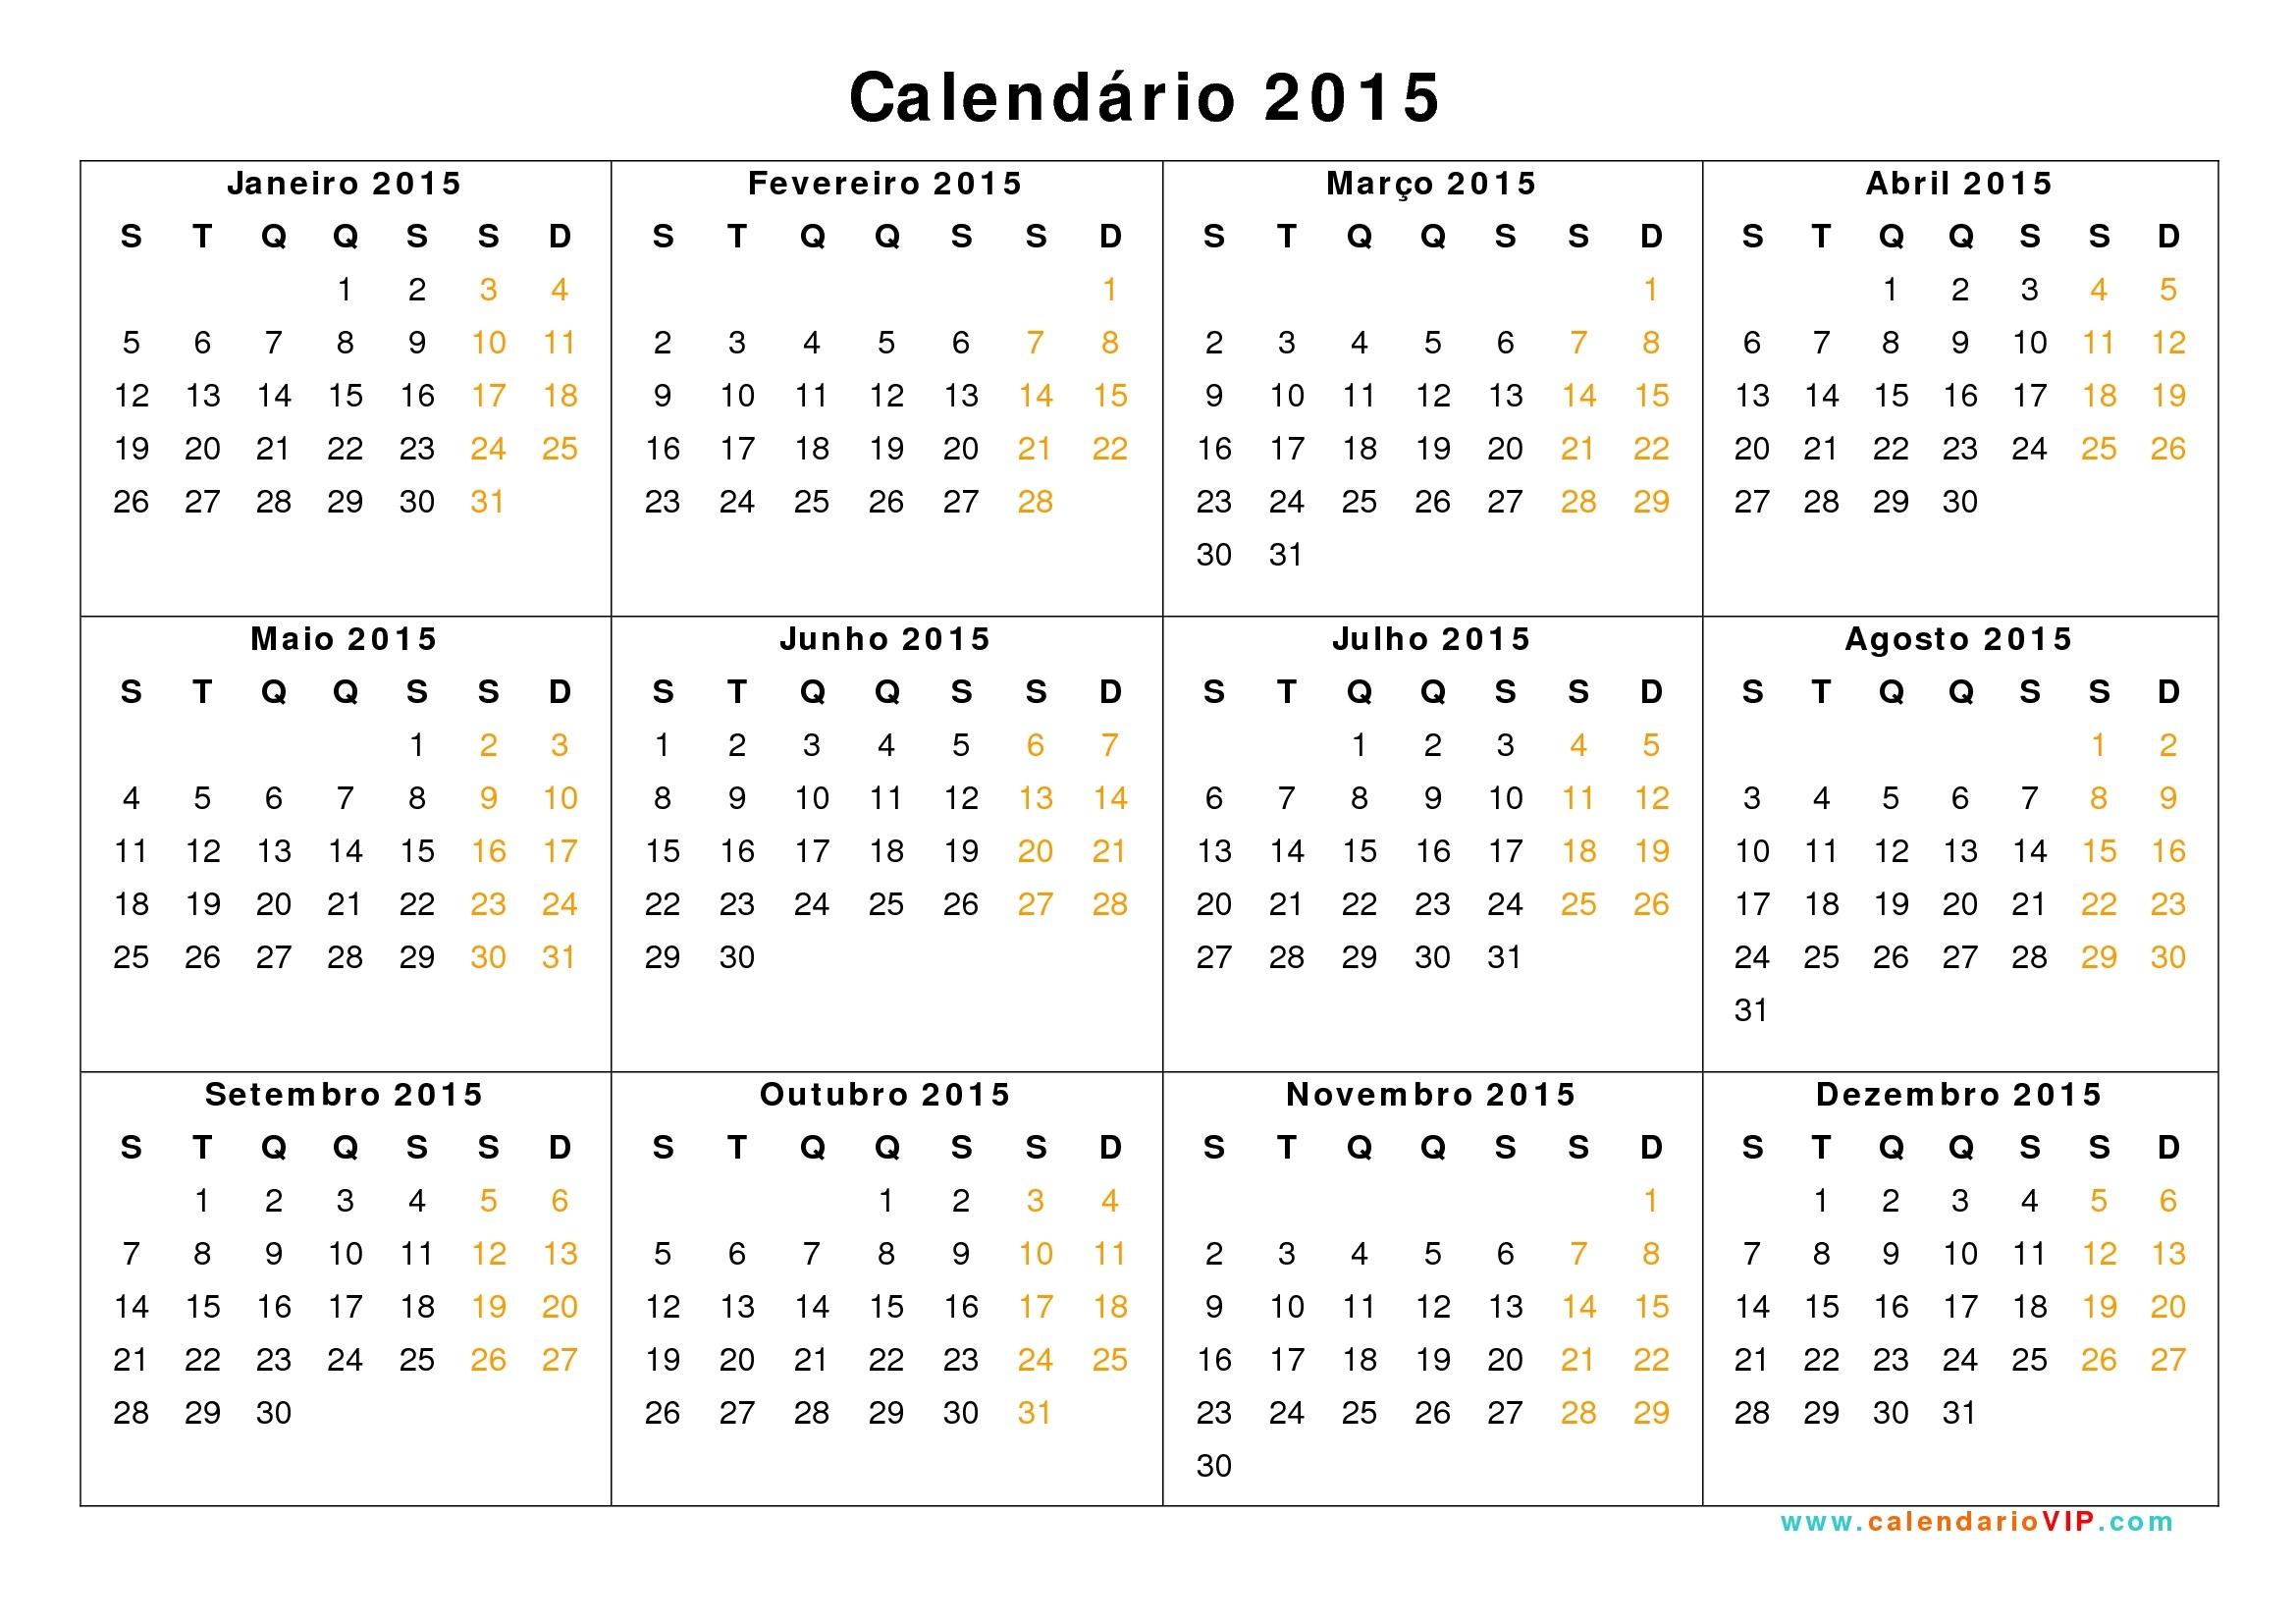 Calendário 2015 - Calendarios 2015 Para Imprimir  Calendario 2015 Para Imprimir Pdf